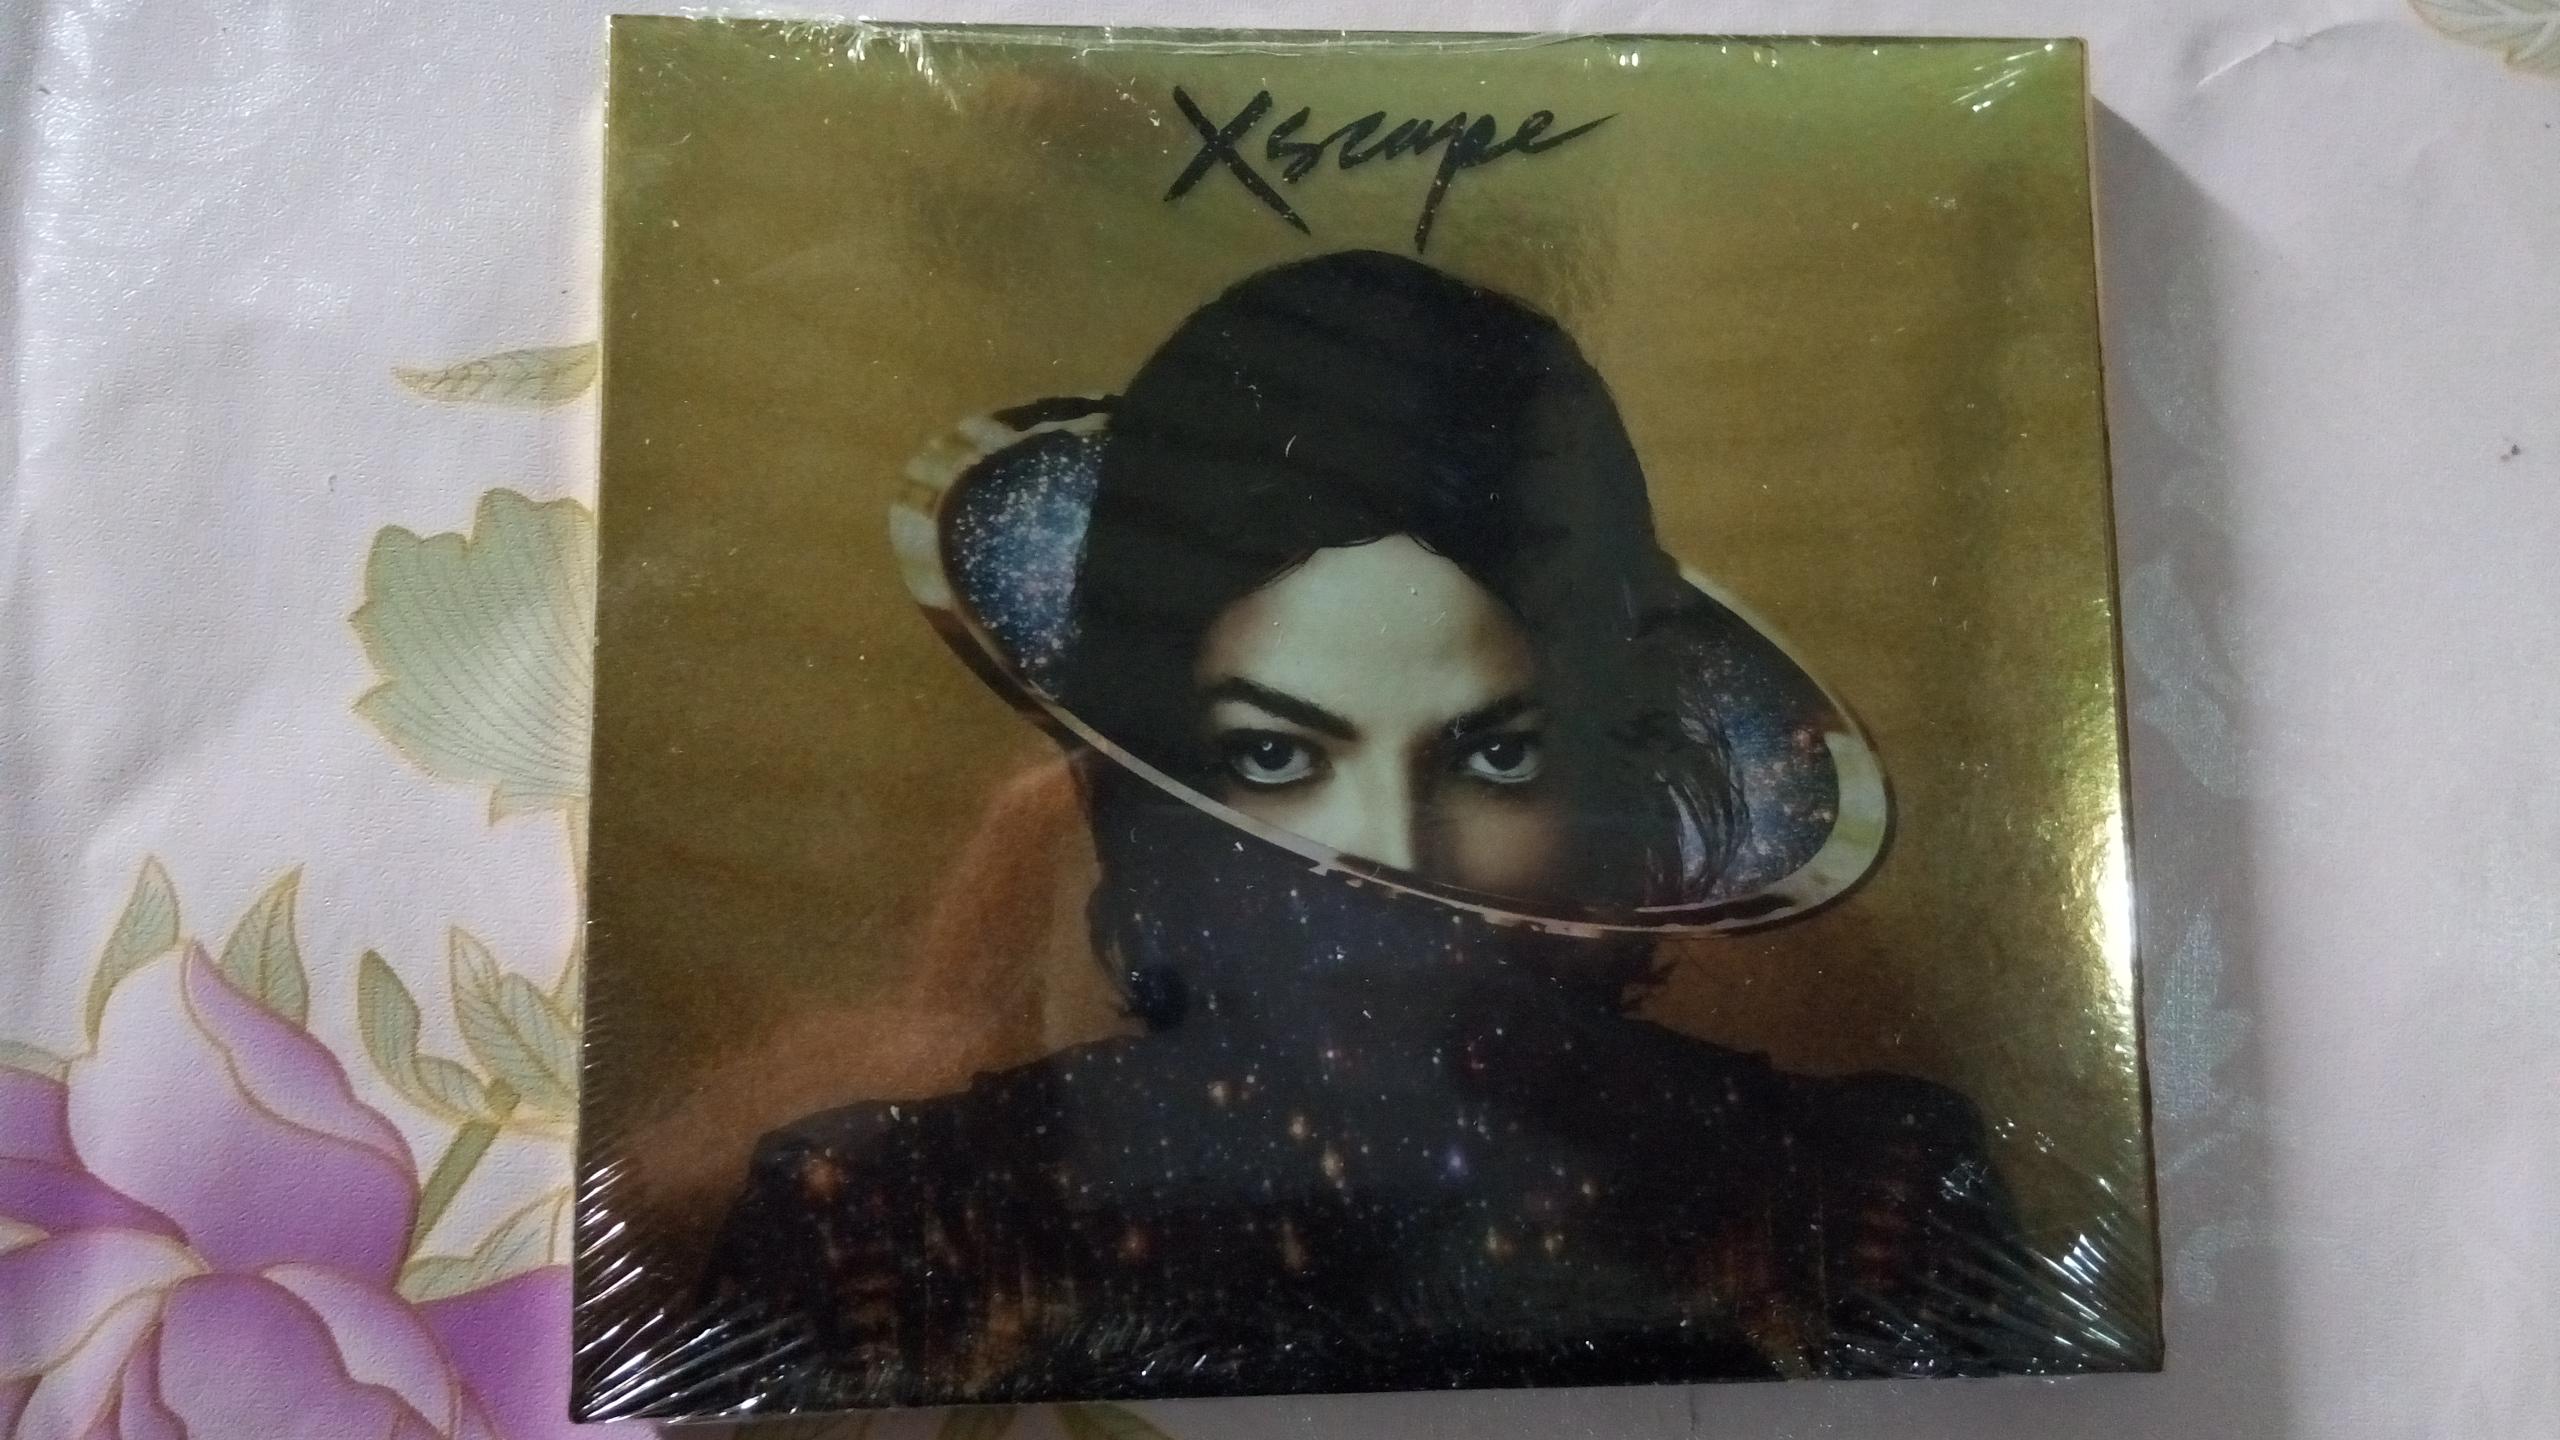 Совершенно новый Xscape Michael Jackson побег снять майк ваш джек нижний платить плакат